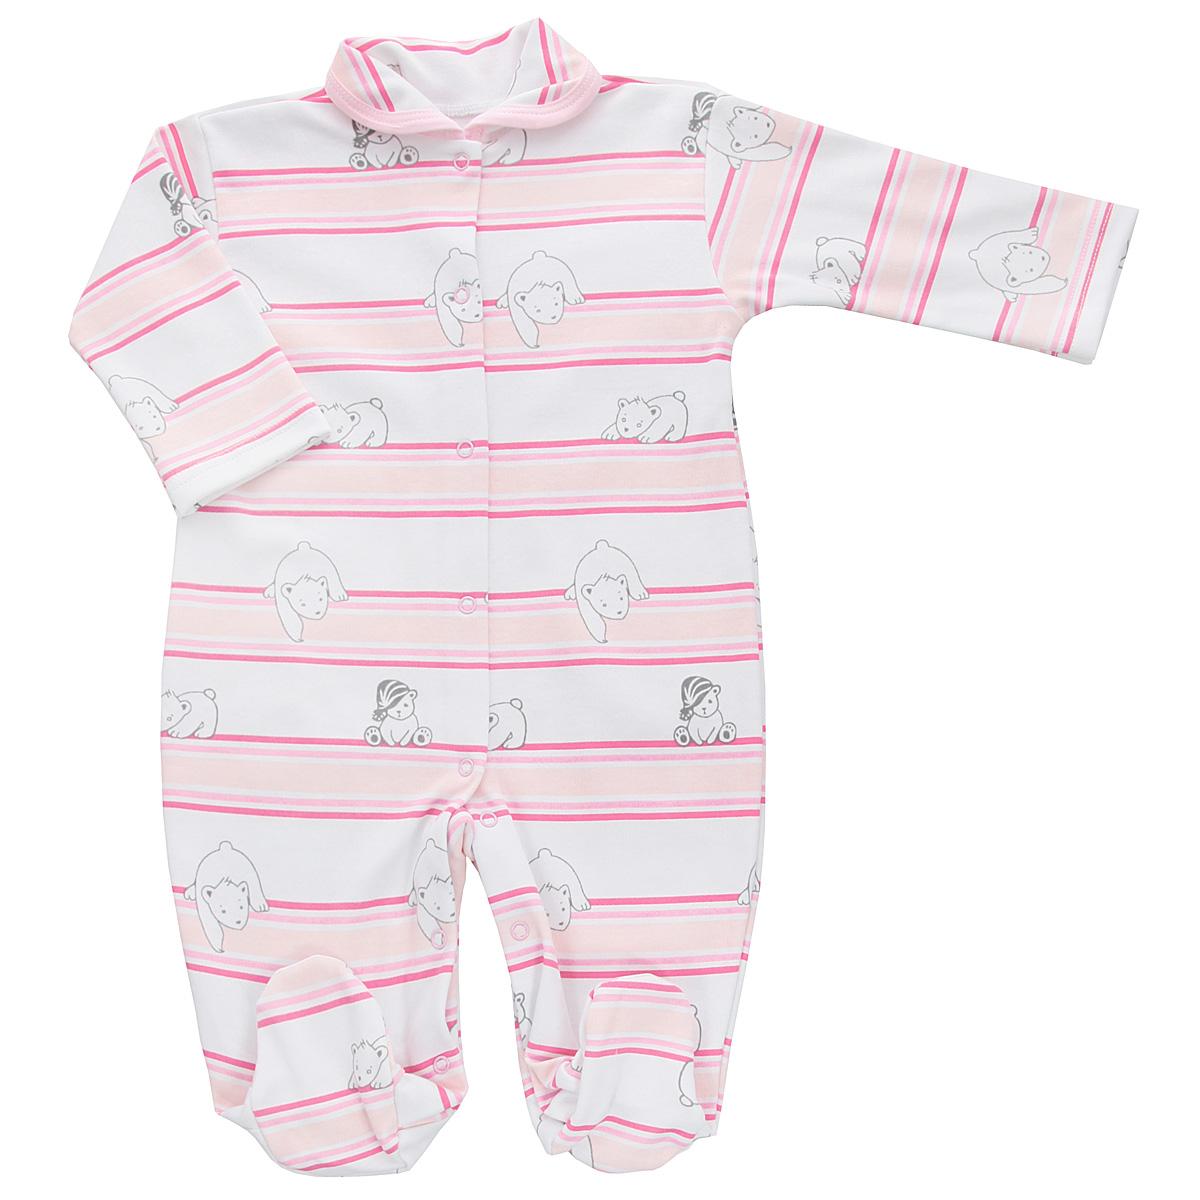 Комбинезон домашний5815_мишка, полоскаДетский комбинезон Трон-Плюс - очень удобный и практичный вид одежды для малышей. Комбинезон выполнен из интерлока - натурального хлопка, благодаря чему он необычайно мягкий и приятный на ощупь, не раздражает нежную кожу ребенка, и хорошо вентилируются, а эластичные швы приятны телу младенца и не препятствуют его движениям. Комбинезон с длинными рукавами, закрытыми ножками и отложным воротничком имеет застежки-кнопки от горловины до щиколоток, которые помогают легко переодеть ребенка или сменить подгузник. Воротник по краю дополнен контрастной бейкой. Оформлено изделие принтом в полоску, а также изображениями медвежат. С детским комбинезоном спинка и ножки вашего крохи всегда будут в тепле, он идеален для использования днем и незаменим ночью. Комбинезон полностью соответствует особенностям жизни младенца в ранний период, не стесняя и не ограничивая его в движениях!